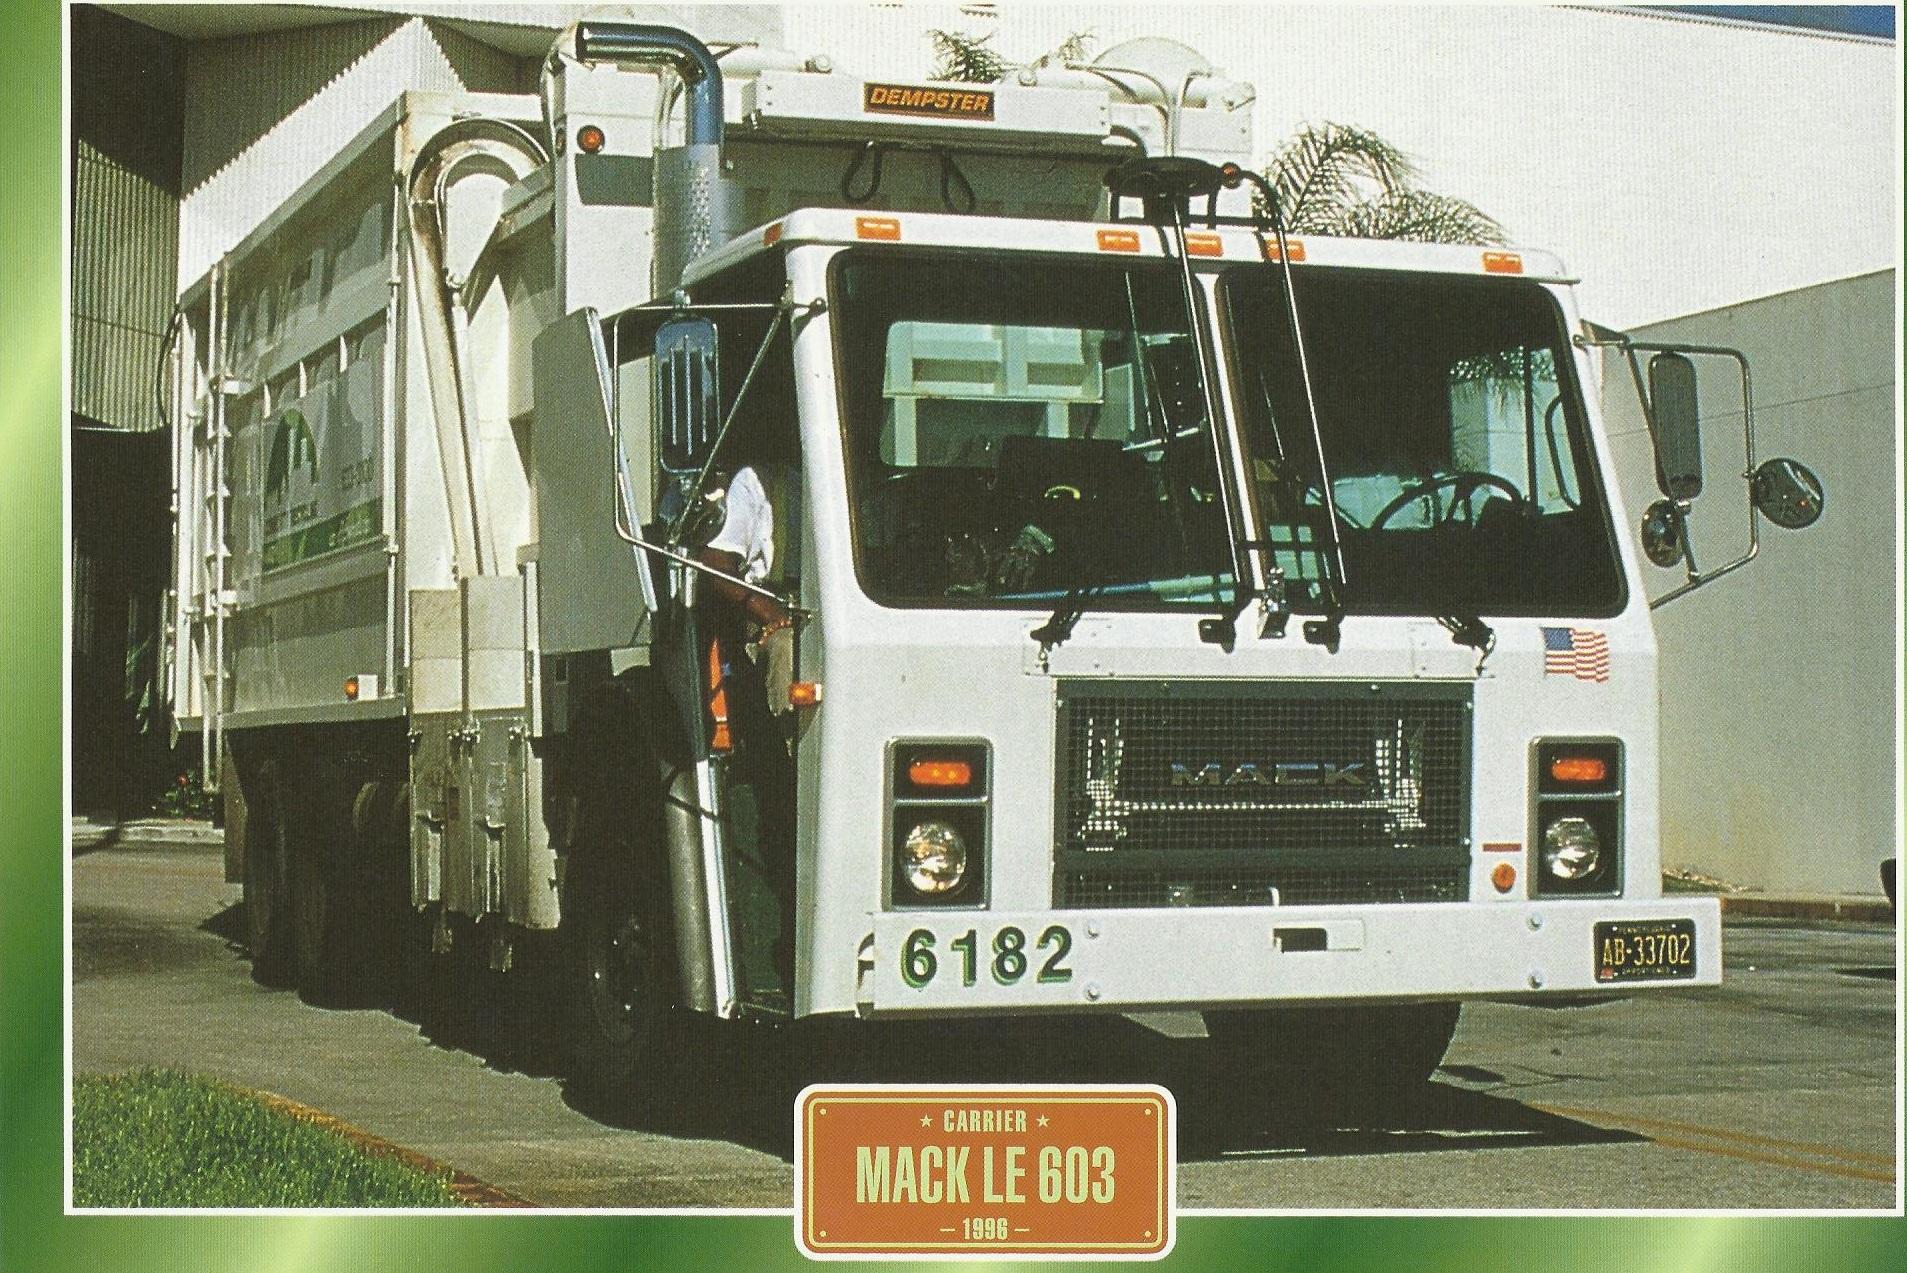 Mack-C-001